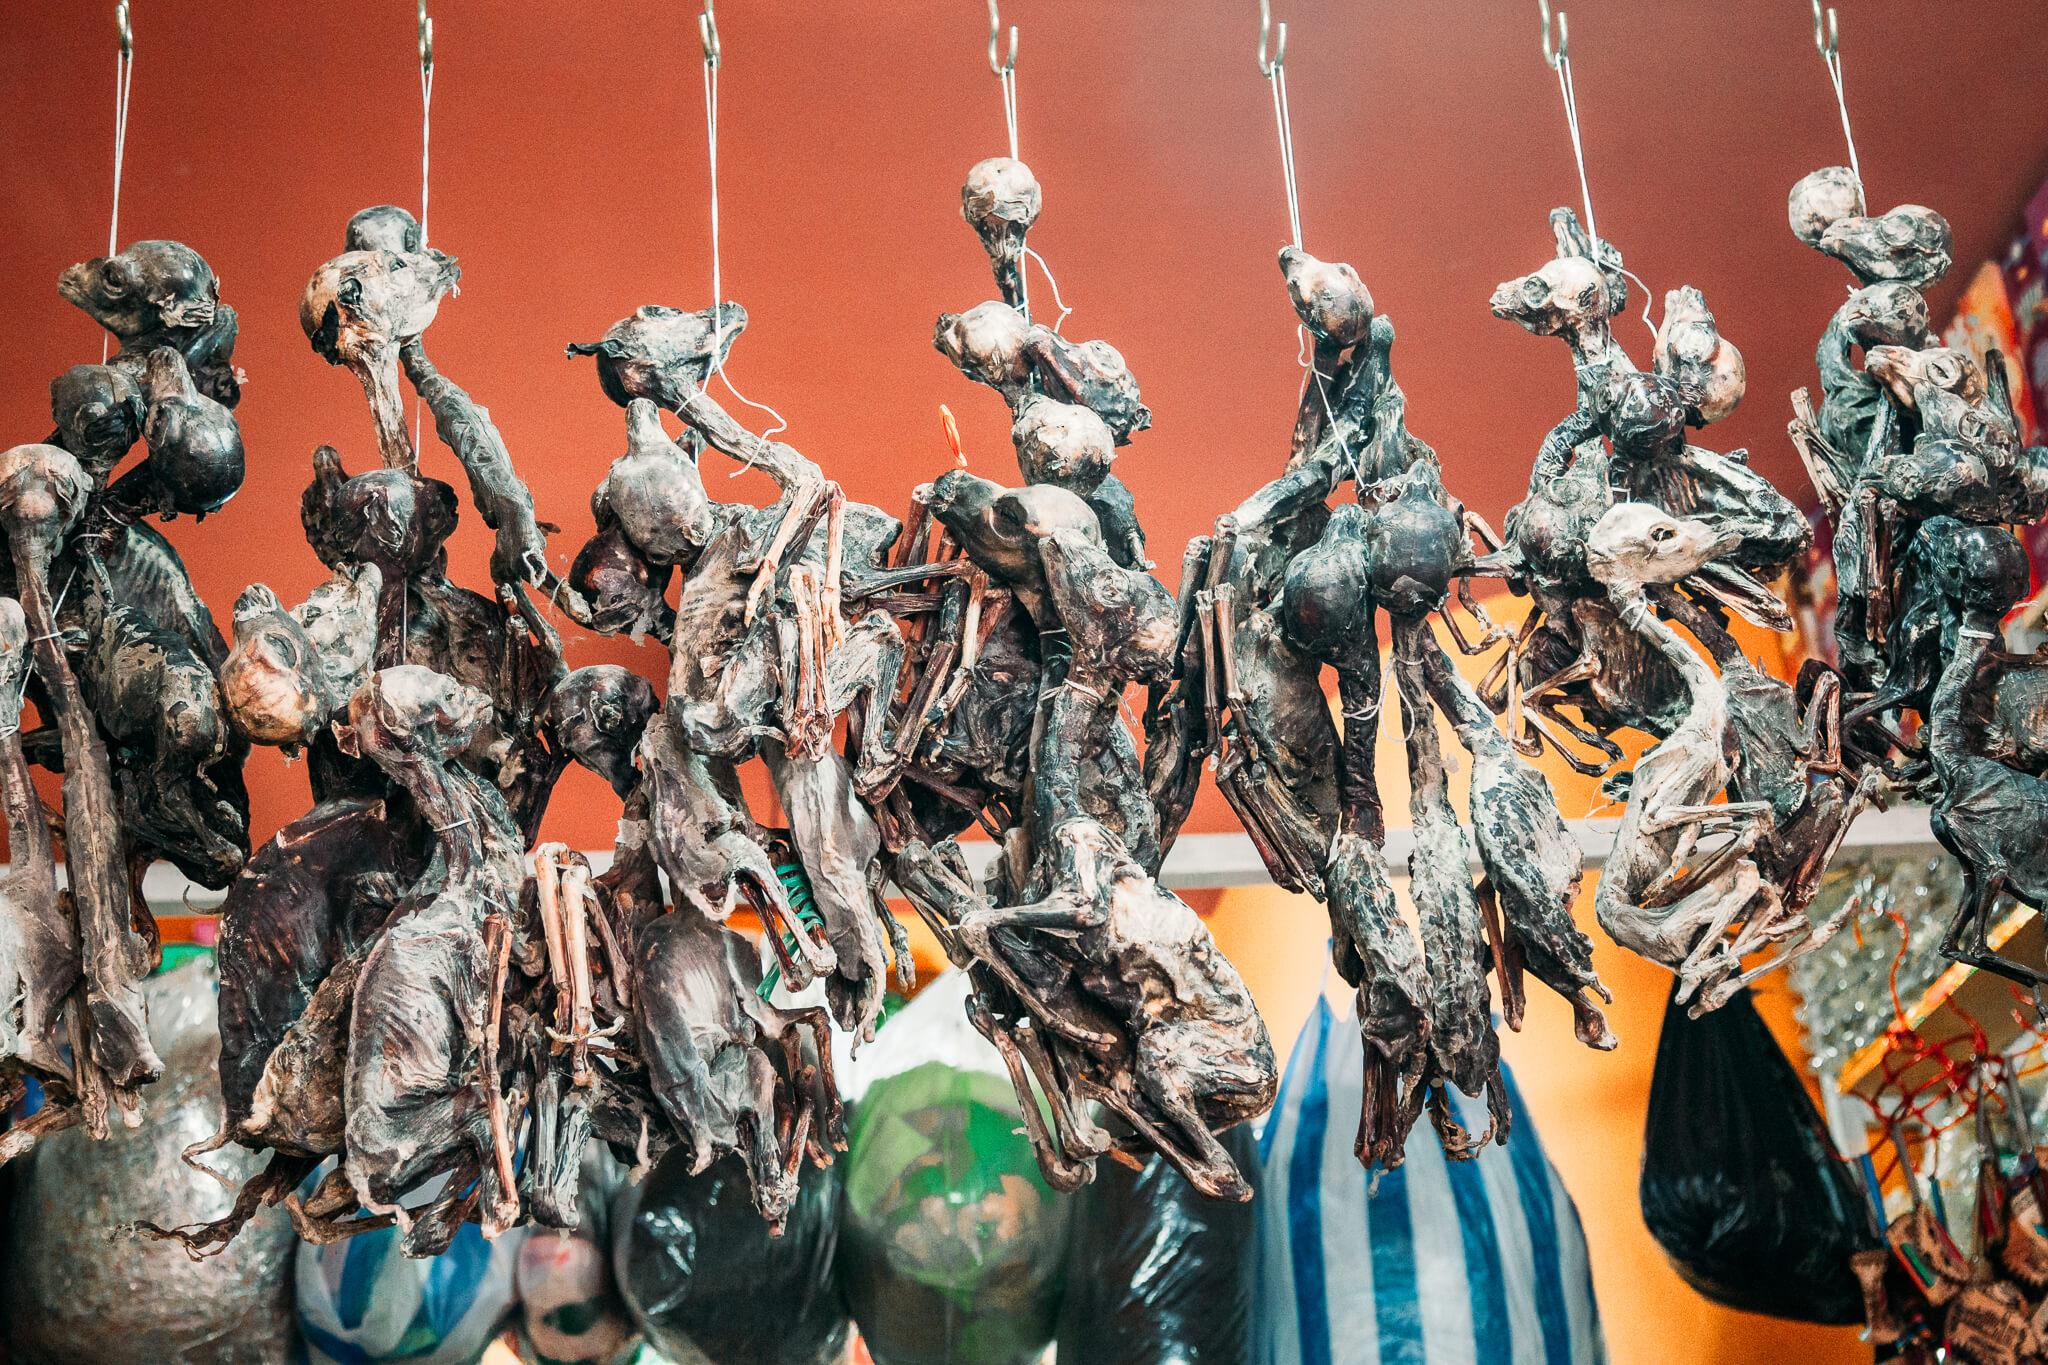 Mercado das Bruxas de La Paz - fetos de lhamas